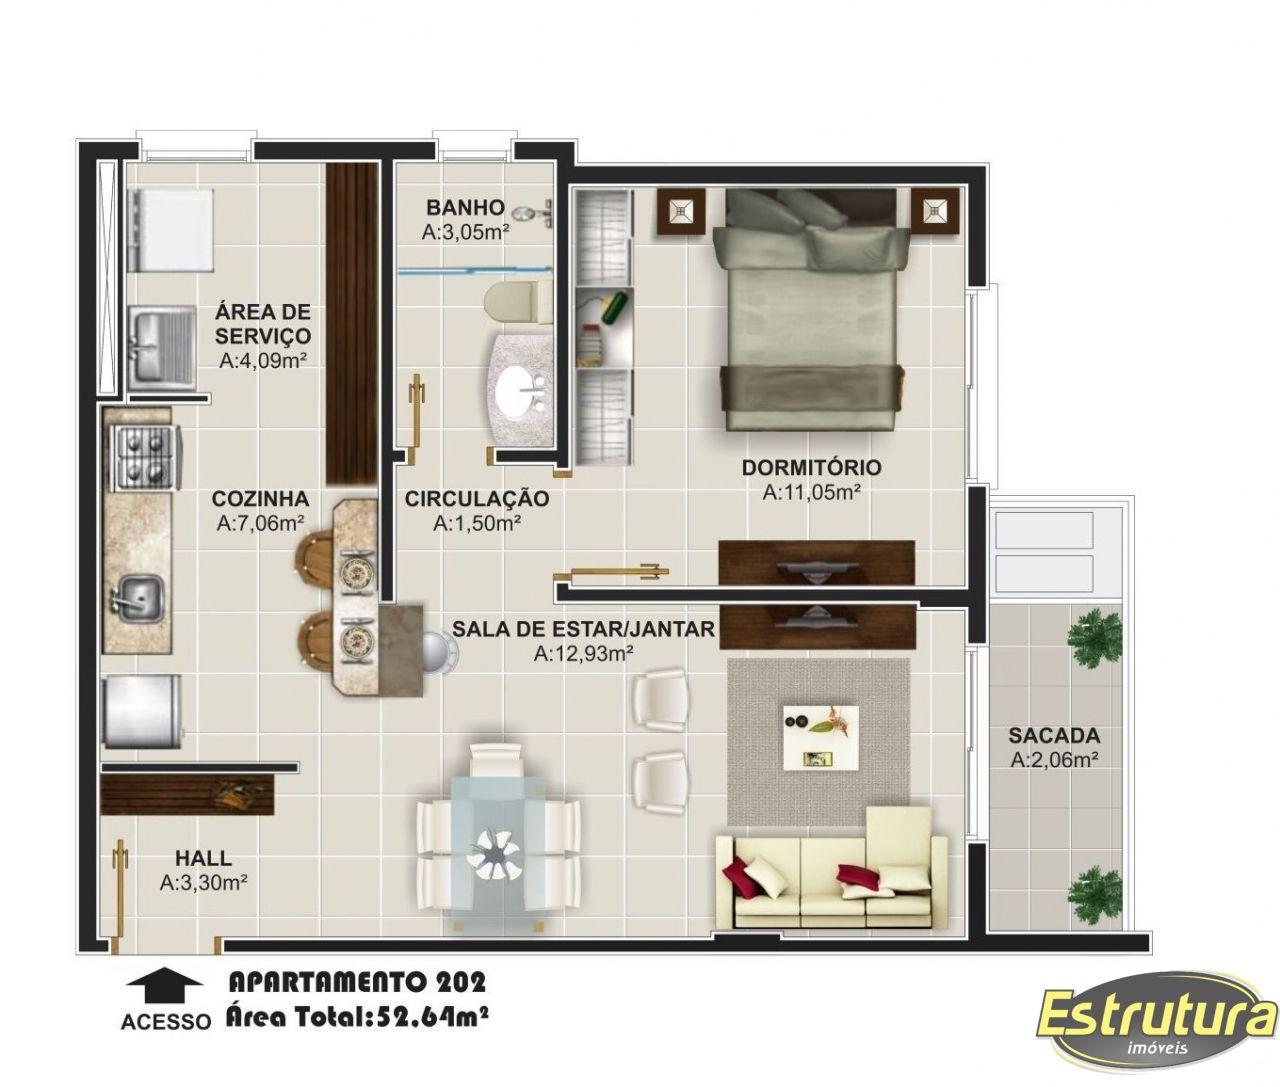 Apartamento com 1 Dormitórios à venda, 52 m² por R$ 297.087,00